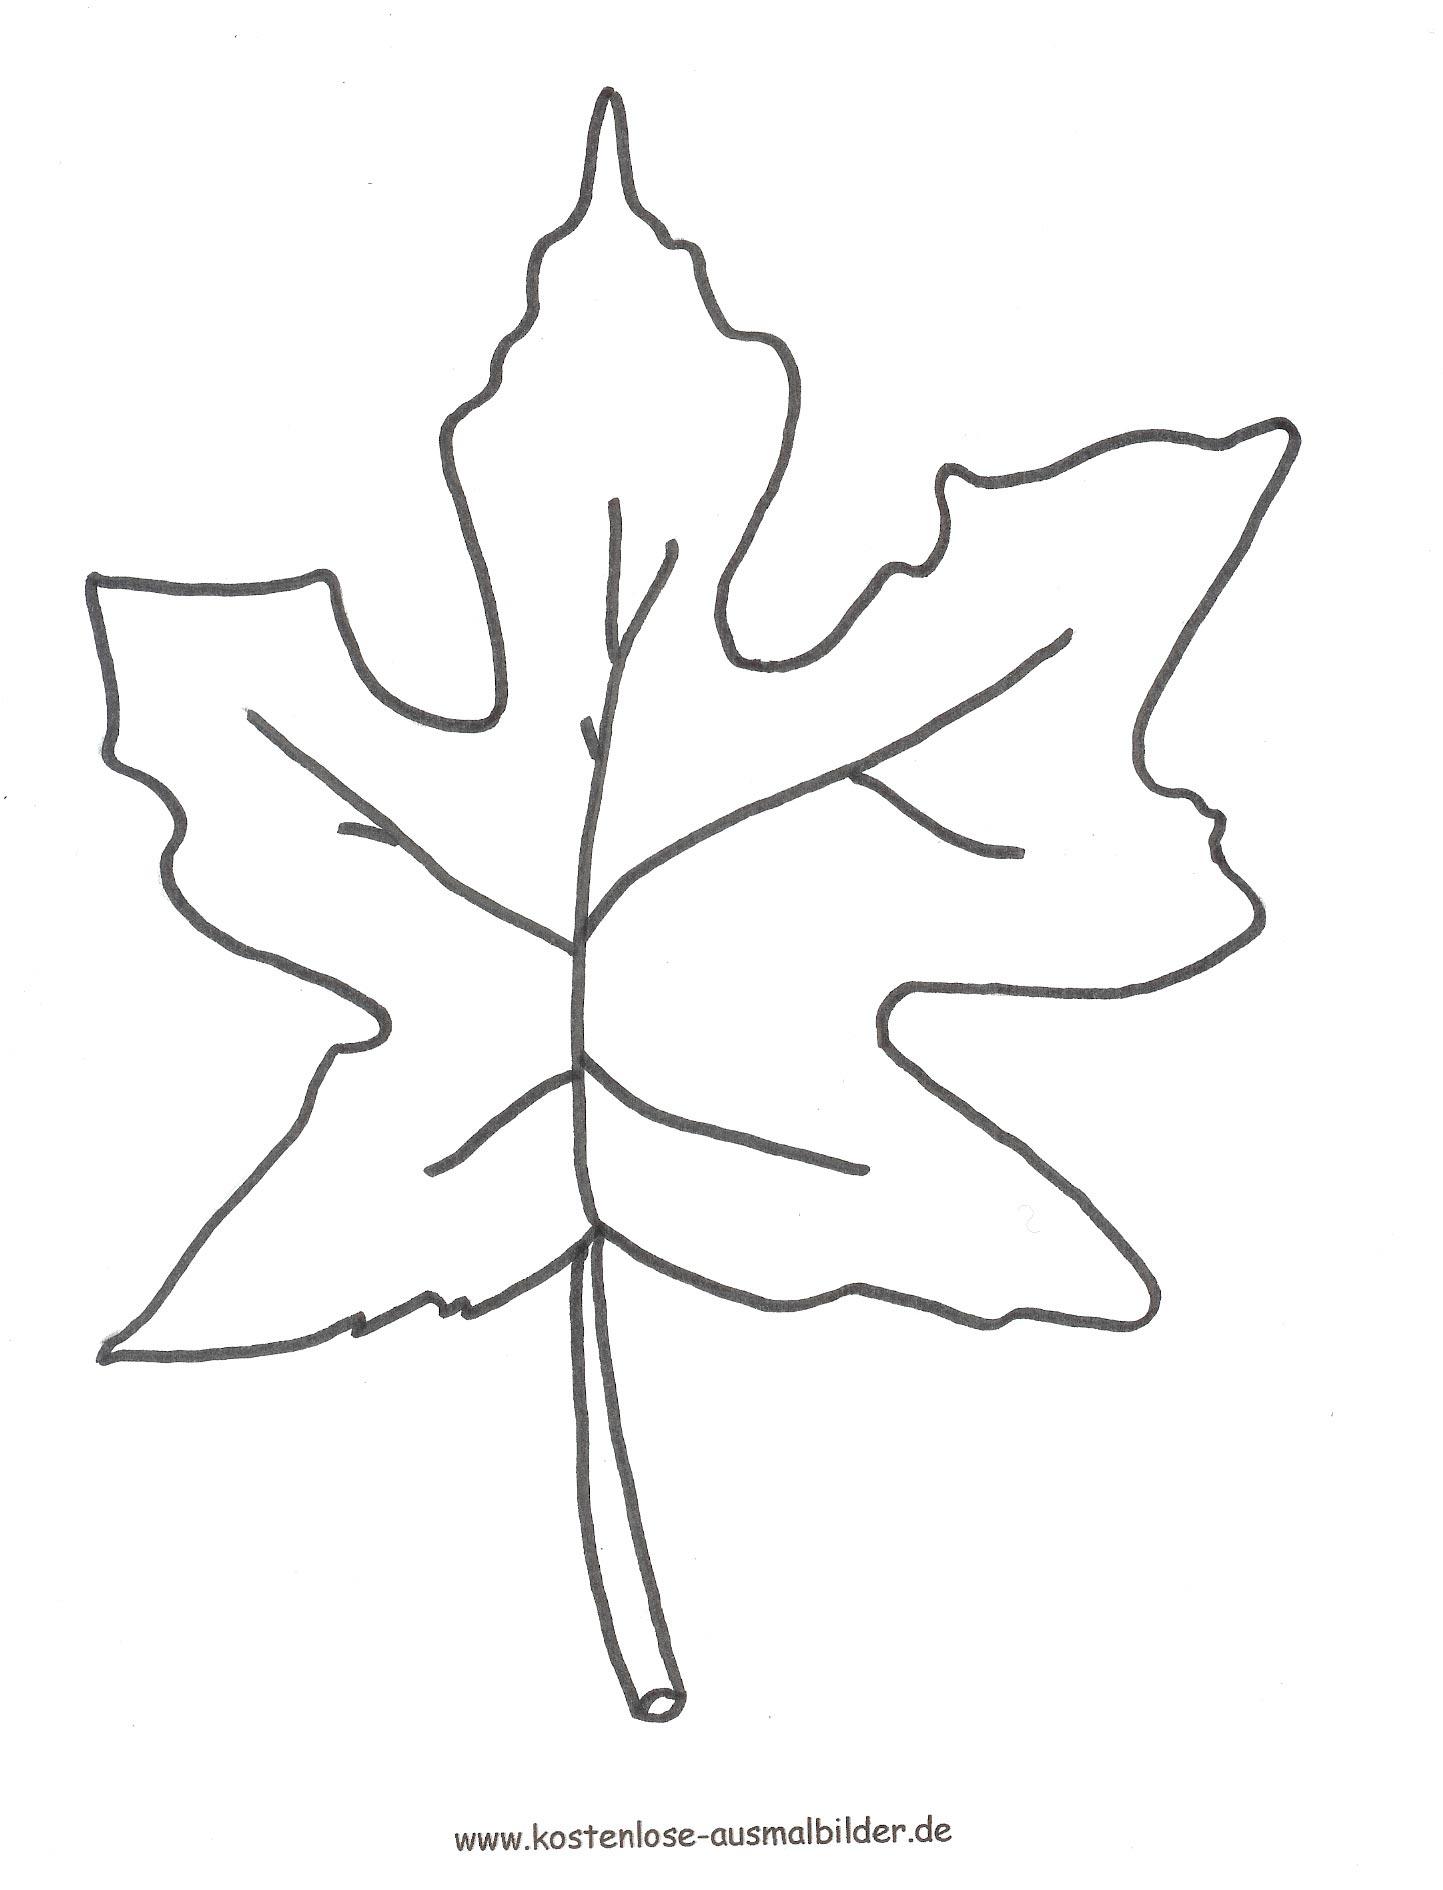 Malvorlagen - Ausmalbilder Laub / Blã¤Tter | Malvorlagen Zum über Ausmalbilder Blätter